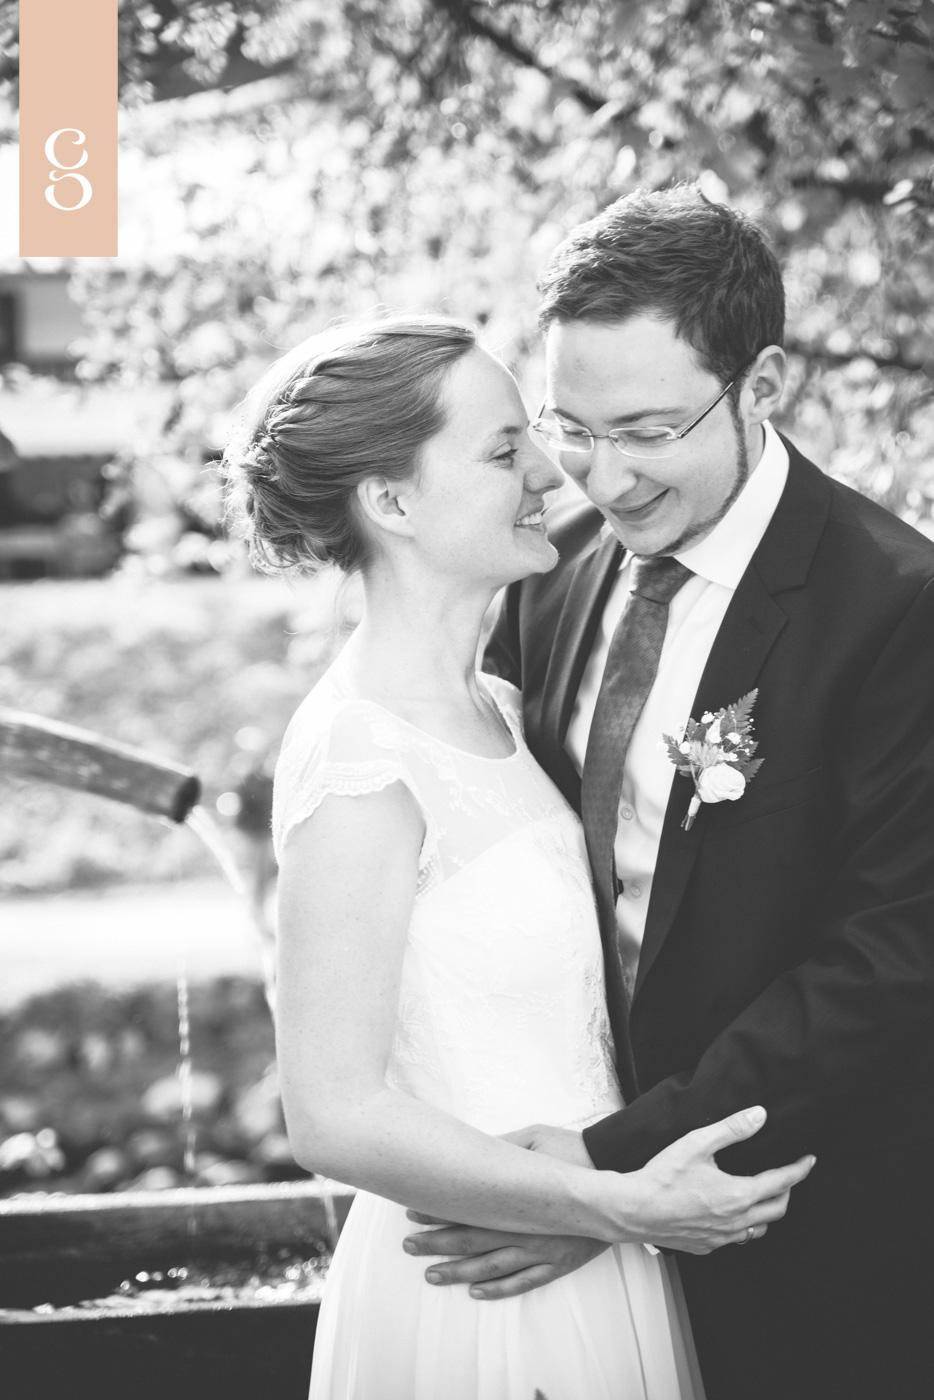 Fotograf_Goettges_Hochzeit_Wedding_Ramsau_Hintersee_Hirschbichl_Berchtesgaden_Hochzeitsfotograf-5